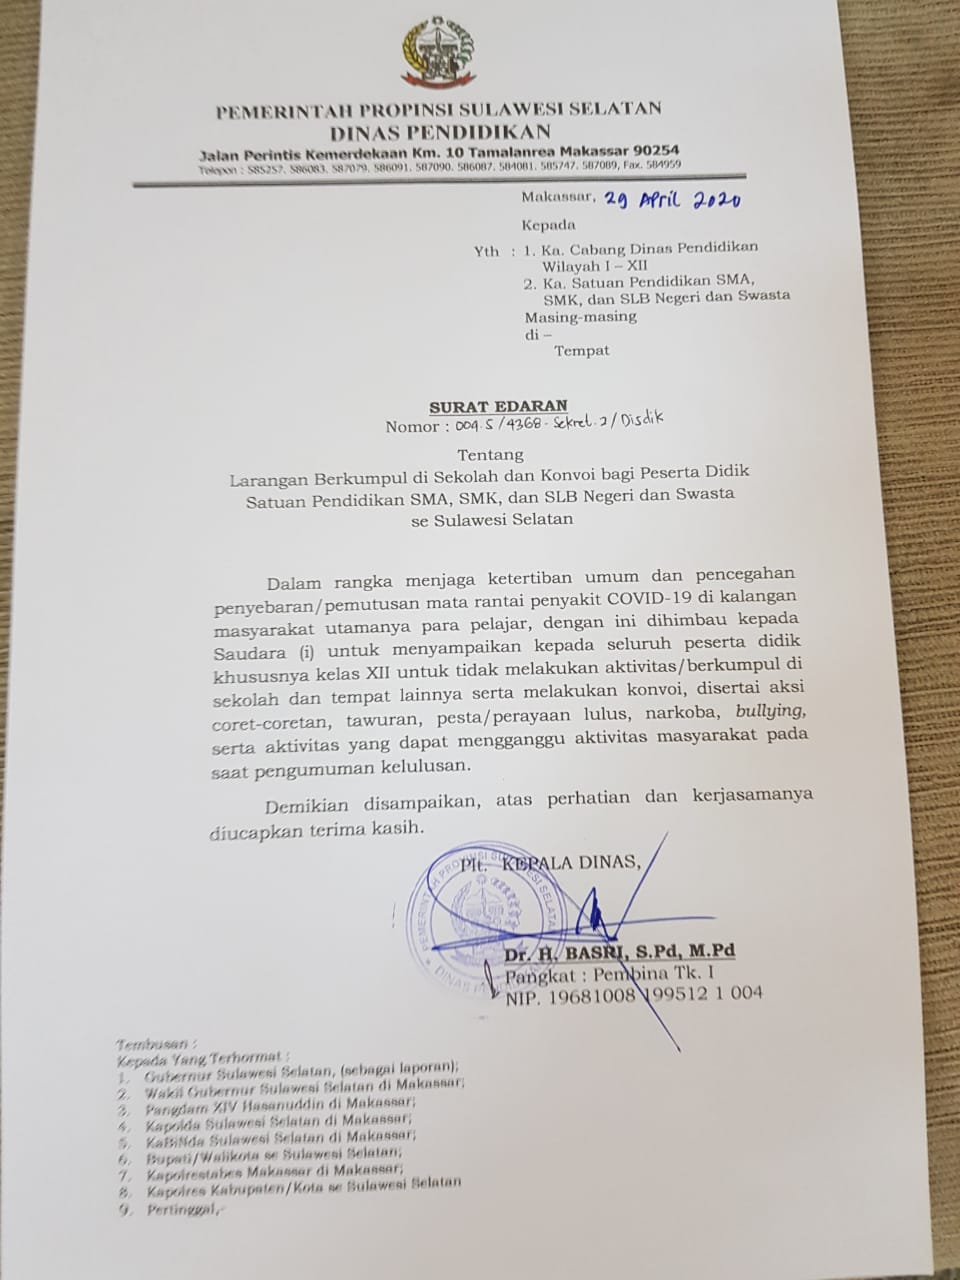 Surat Edaran Disdik Provinsi Sulsel tentang Larangan Berkumpul di Sekolah Konvoi bagi Siswa